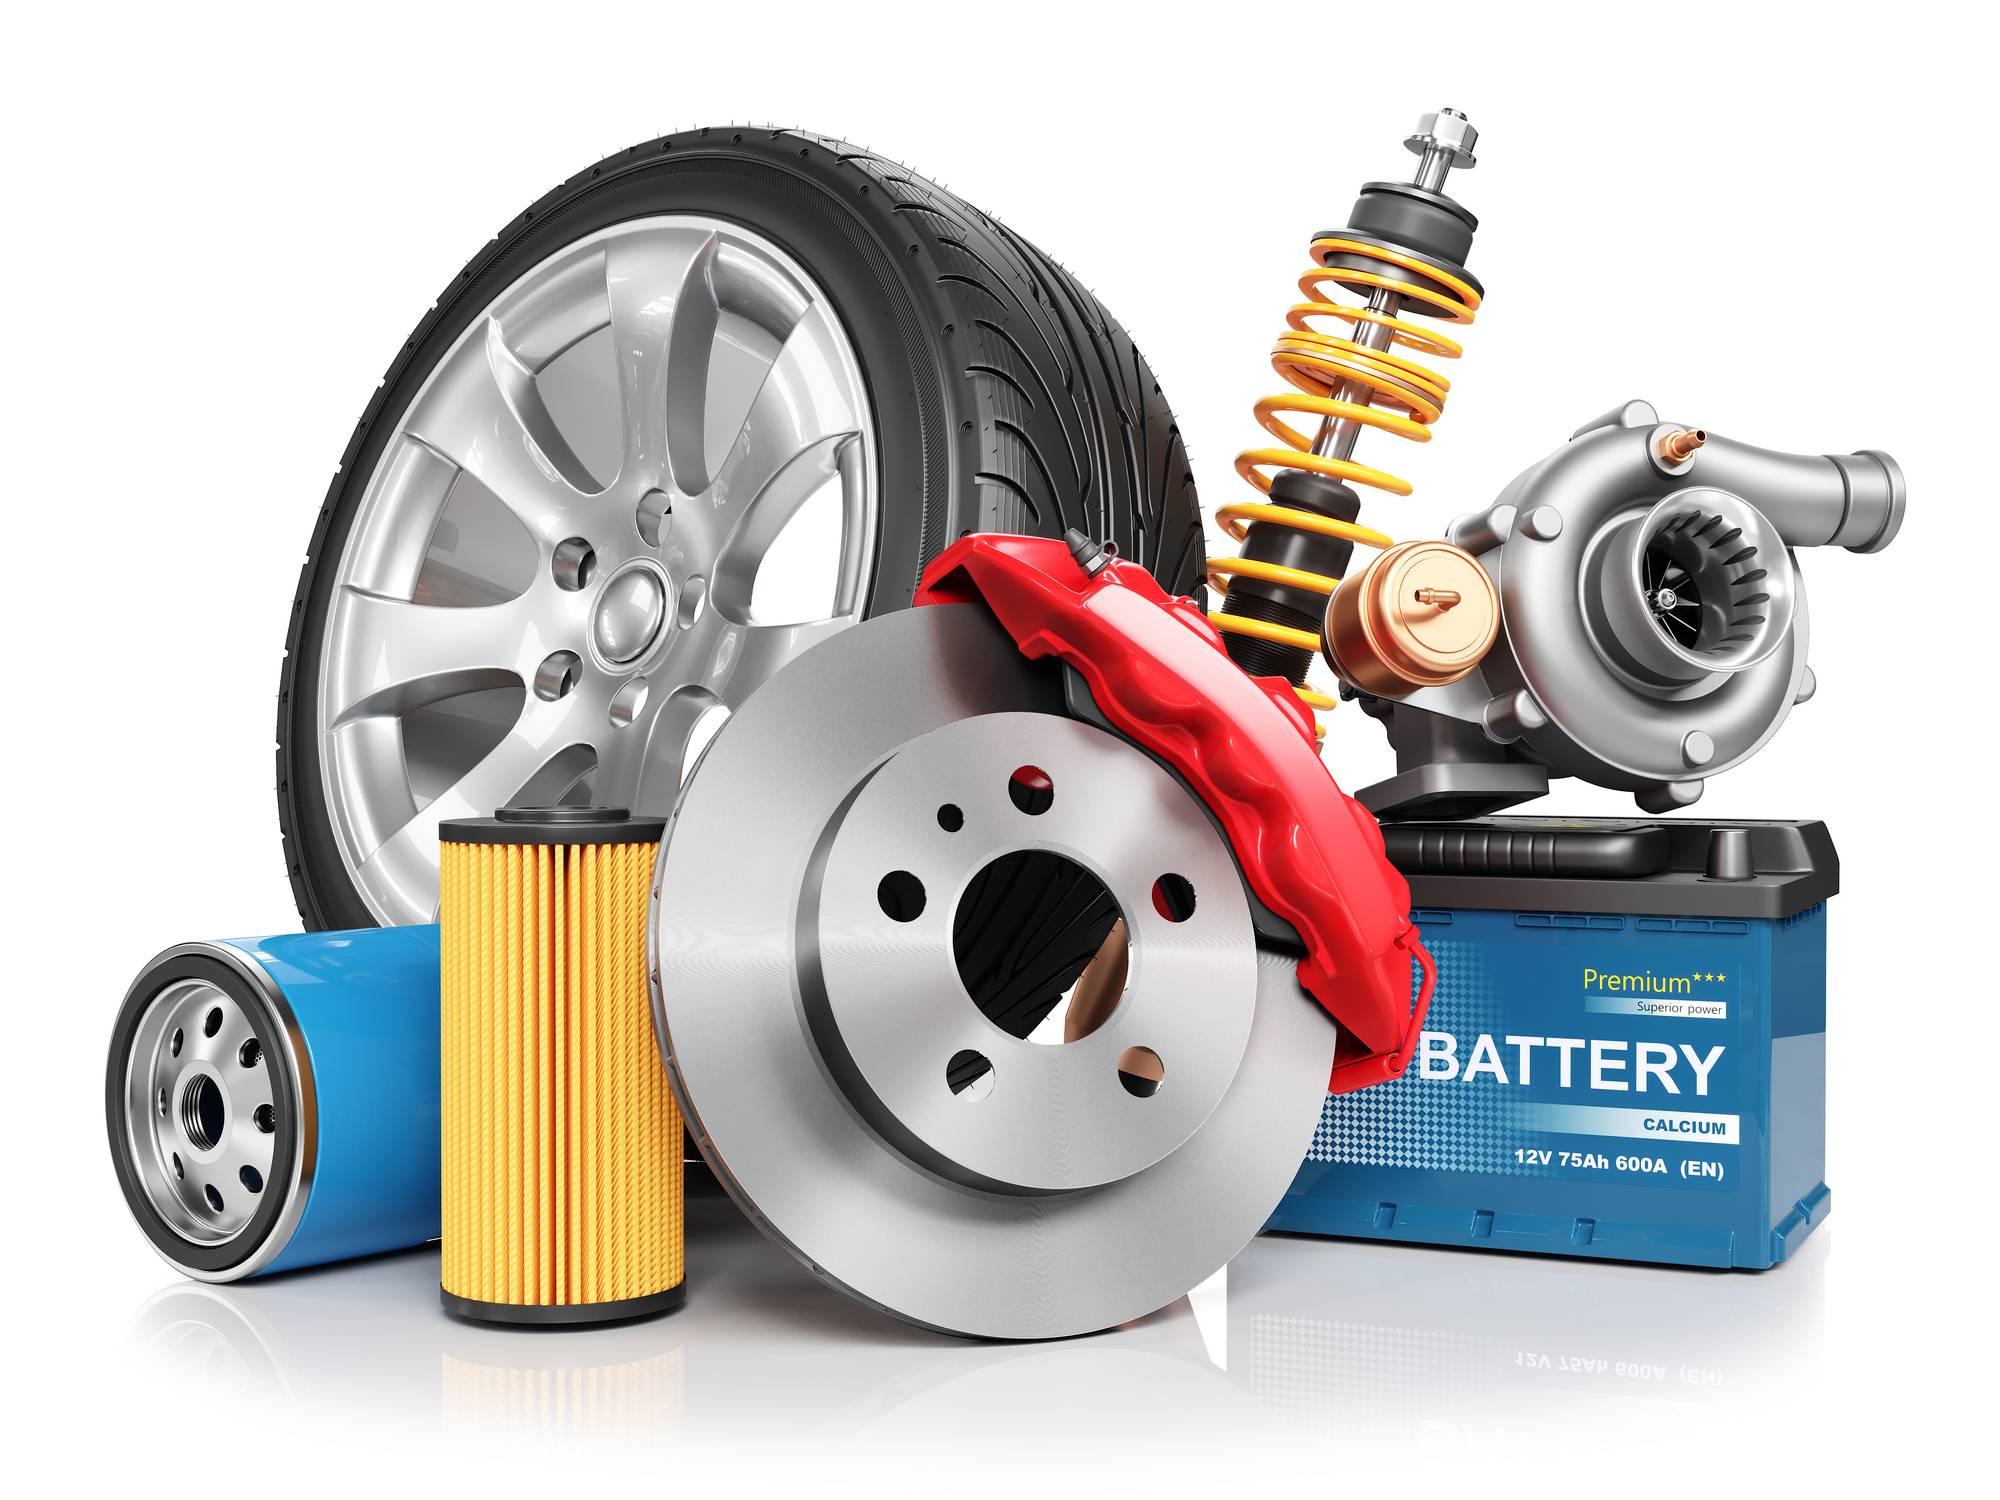 Quelles sont les pièces détachées auto les plus demandées ?